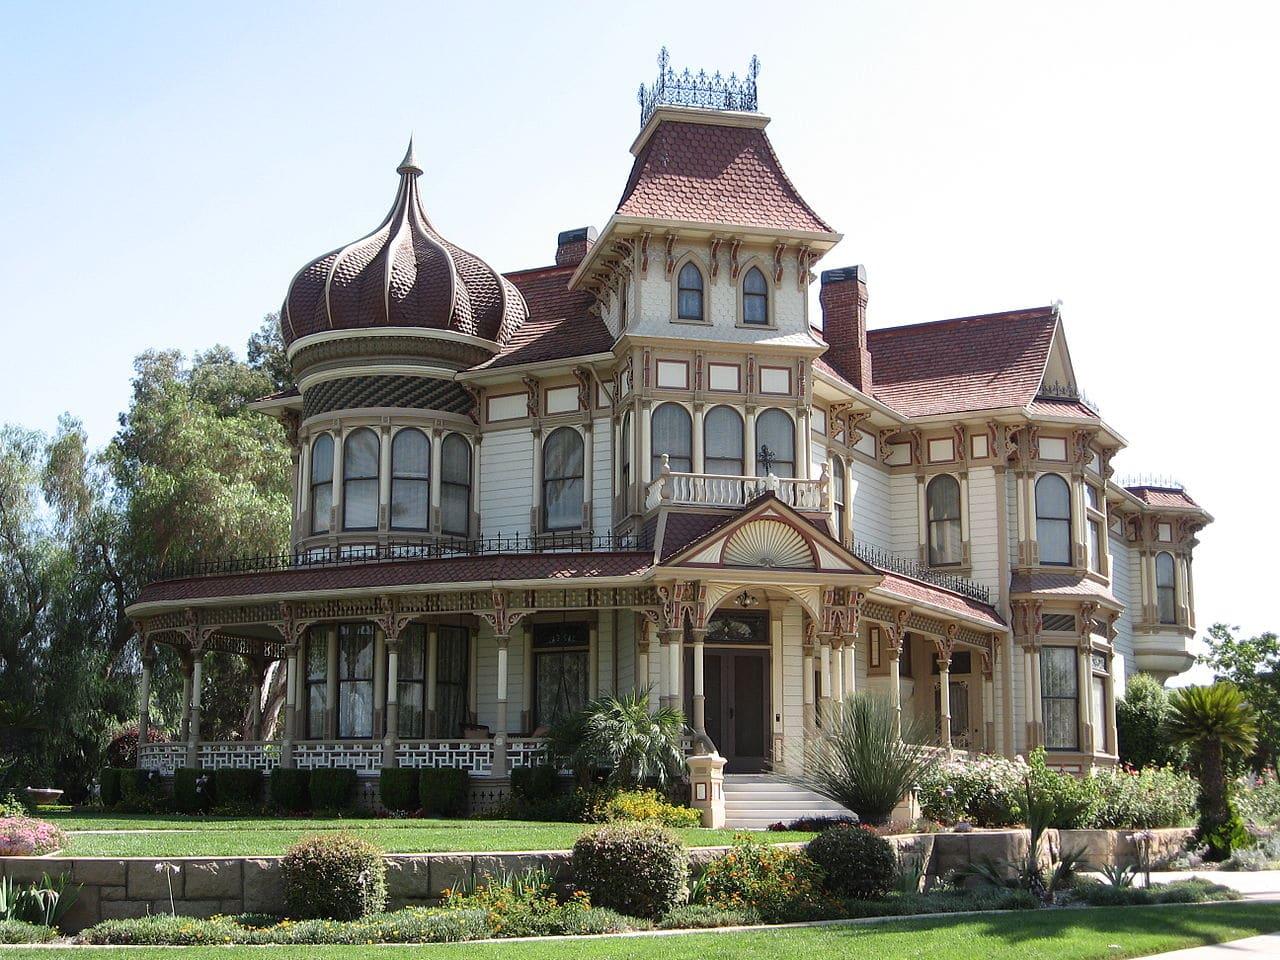 Northern California Road Trip - Victorian Architecture